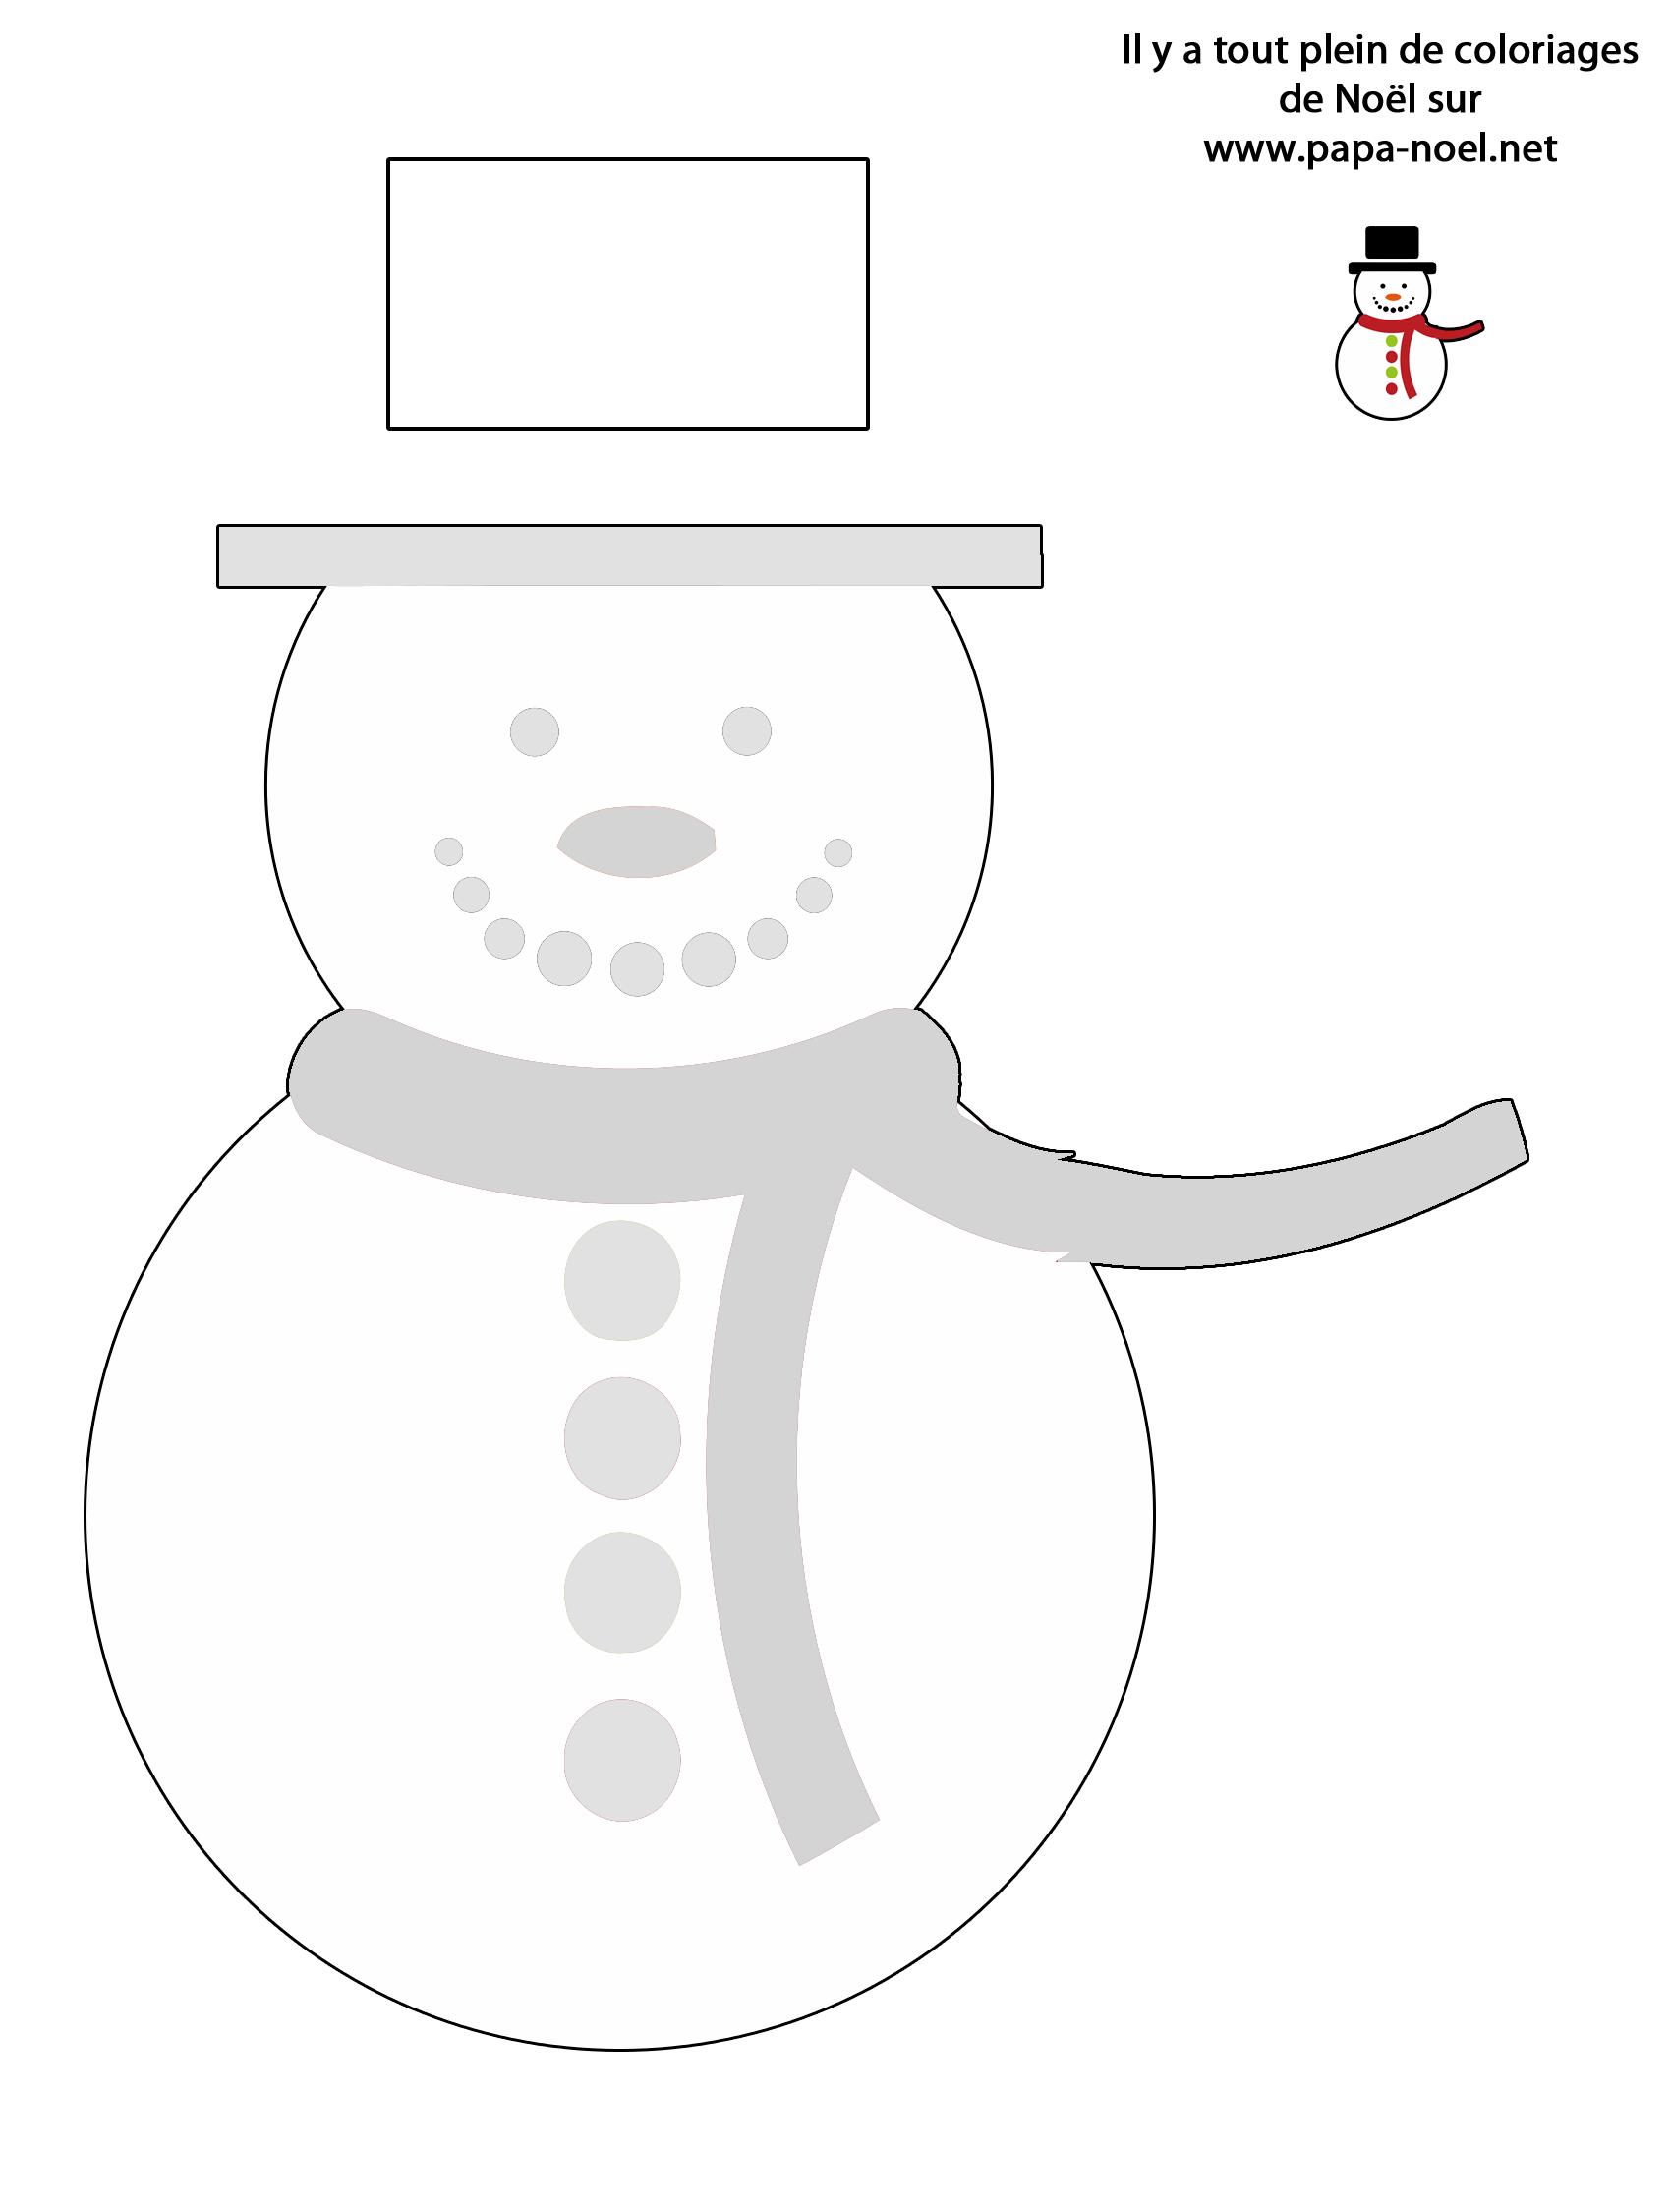 Bonhomme de neige colorier coloriage de no l - Pere noel en gobelet plastique ...